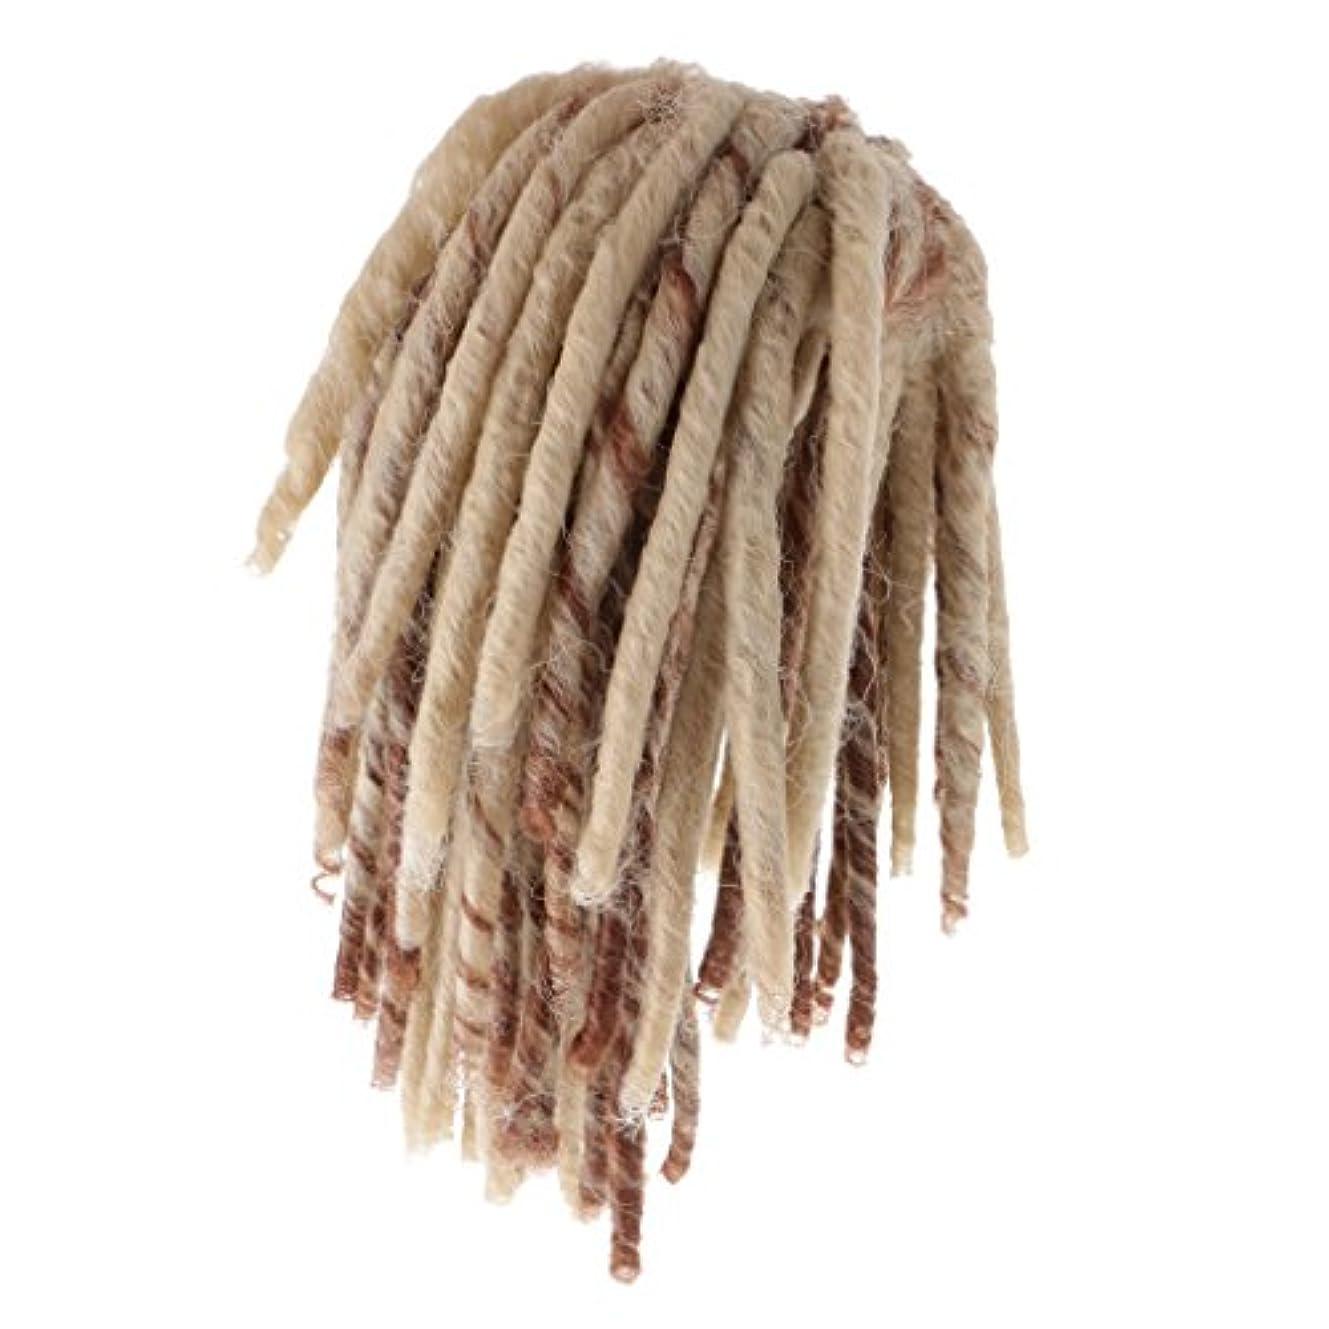 感情縮約イノセンスDovewill 人形用ウィッグ  ドレッドかつら  カーリー かつら  髪 ヘア 18インチドール用  DIY修理用品  全2色  - ブラウン